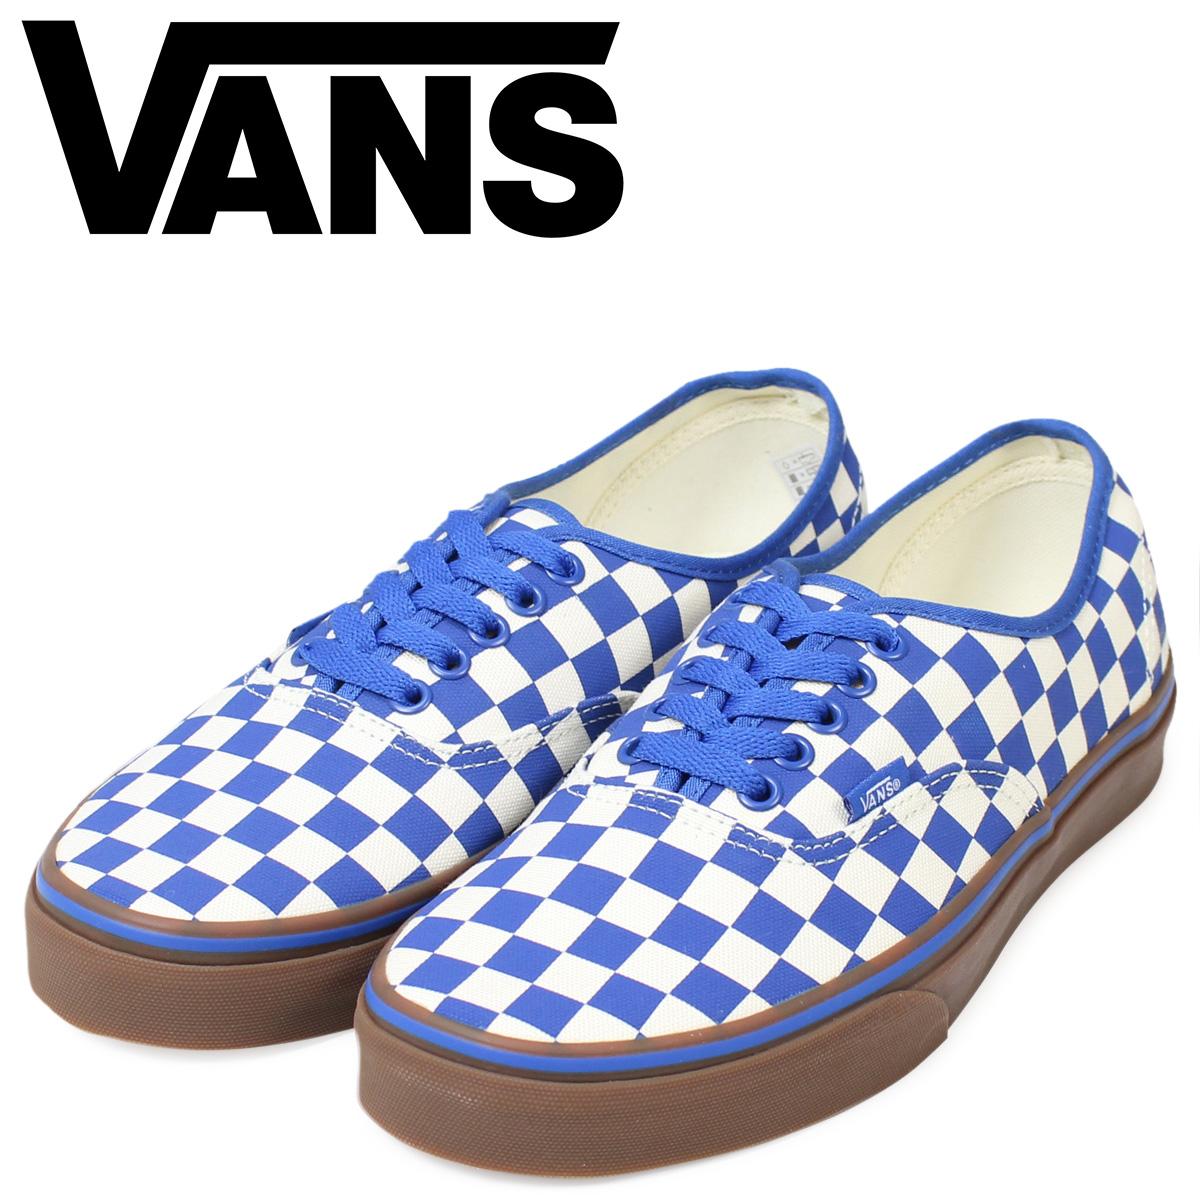 vans shoes 6